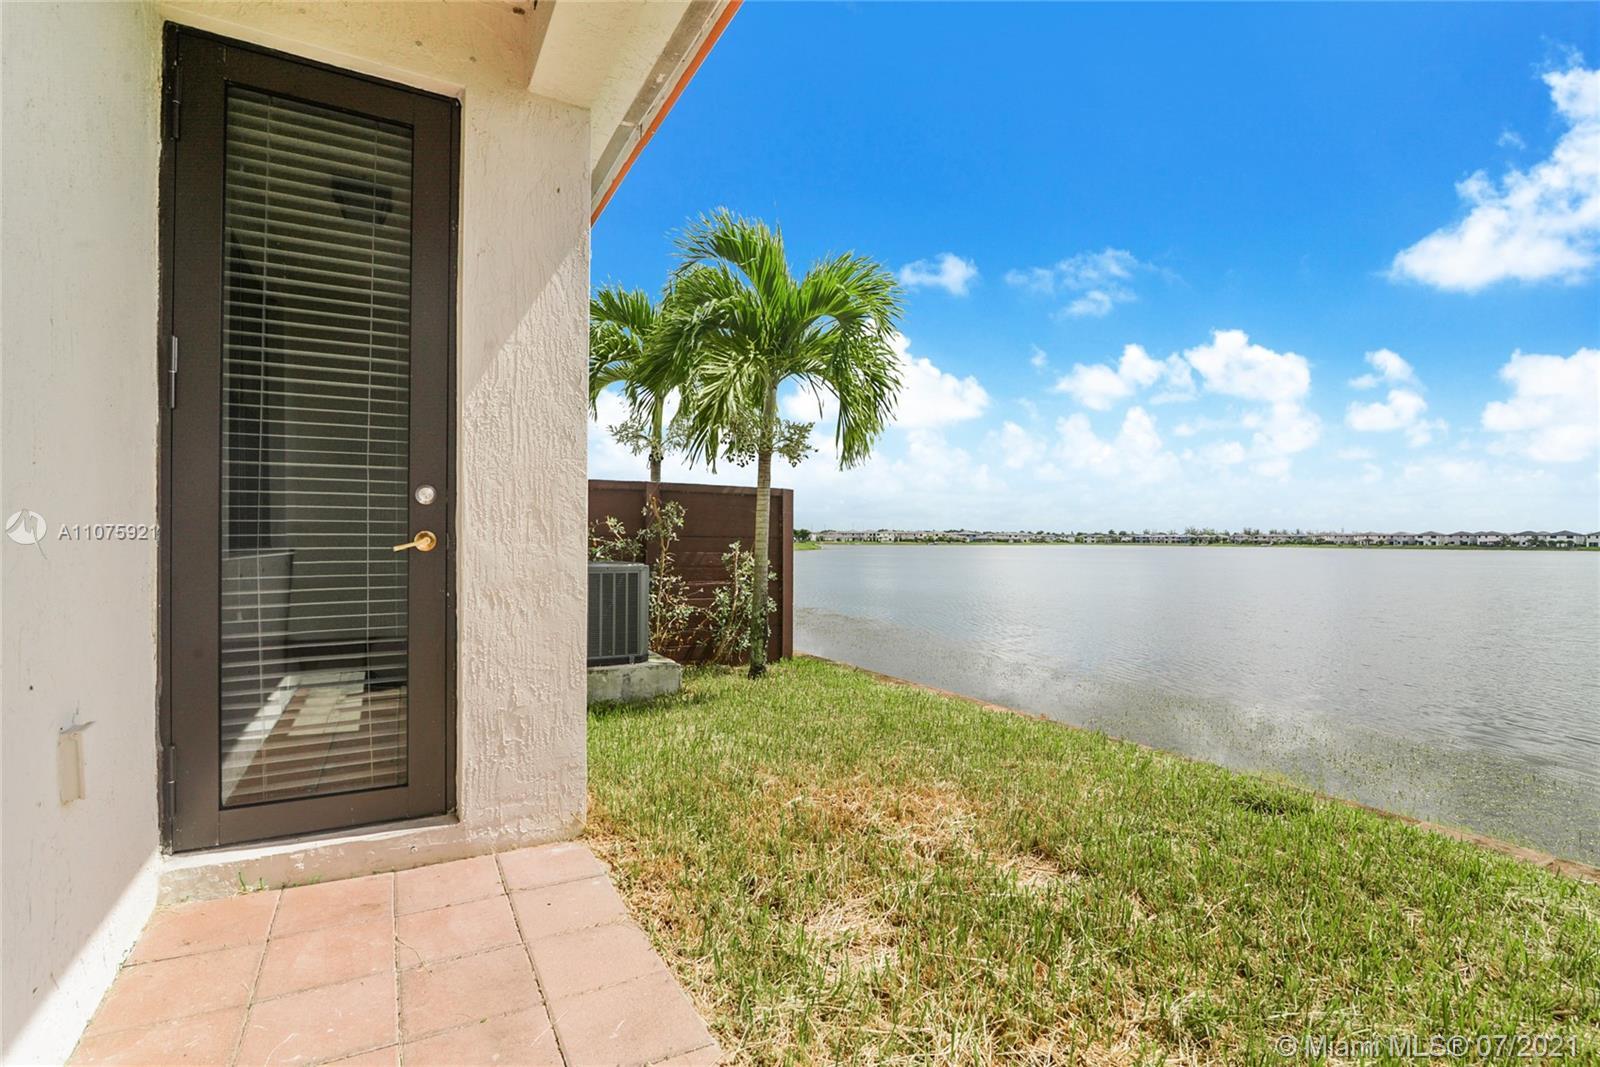 Miami Lakes #15593 - 15593 NW 91st Ct #15593, Miami Lakes, FL 33018